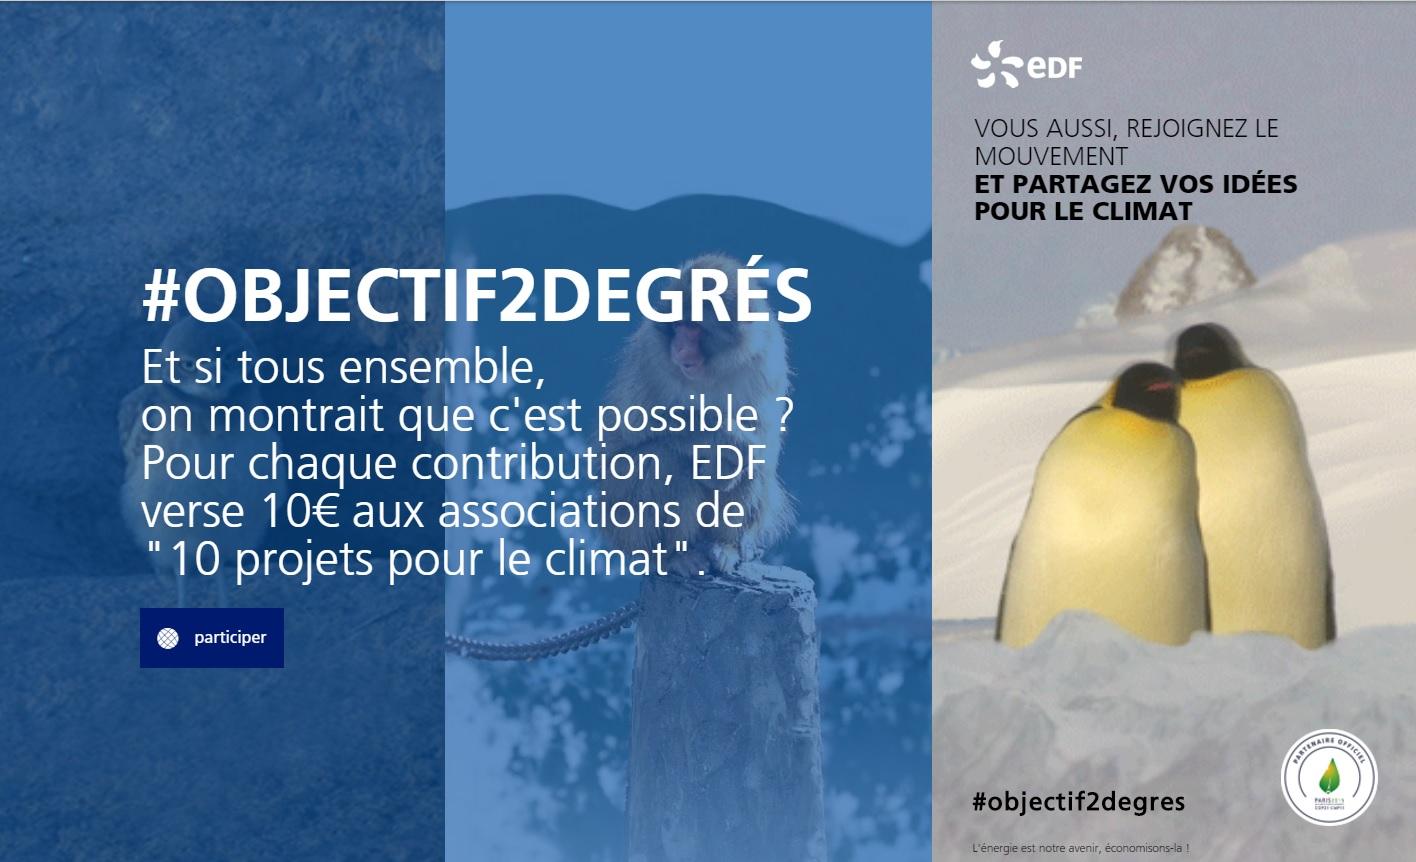 EDF COP 21 objectif2degrés